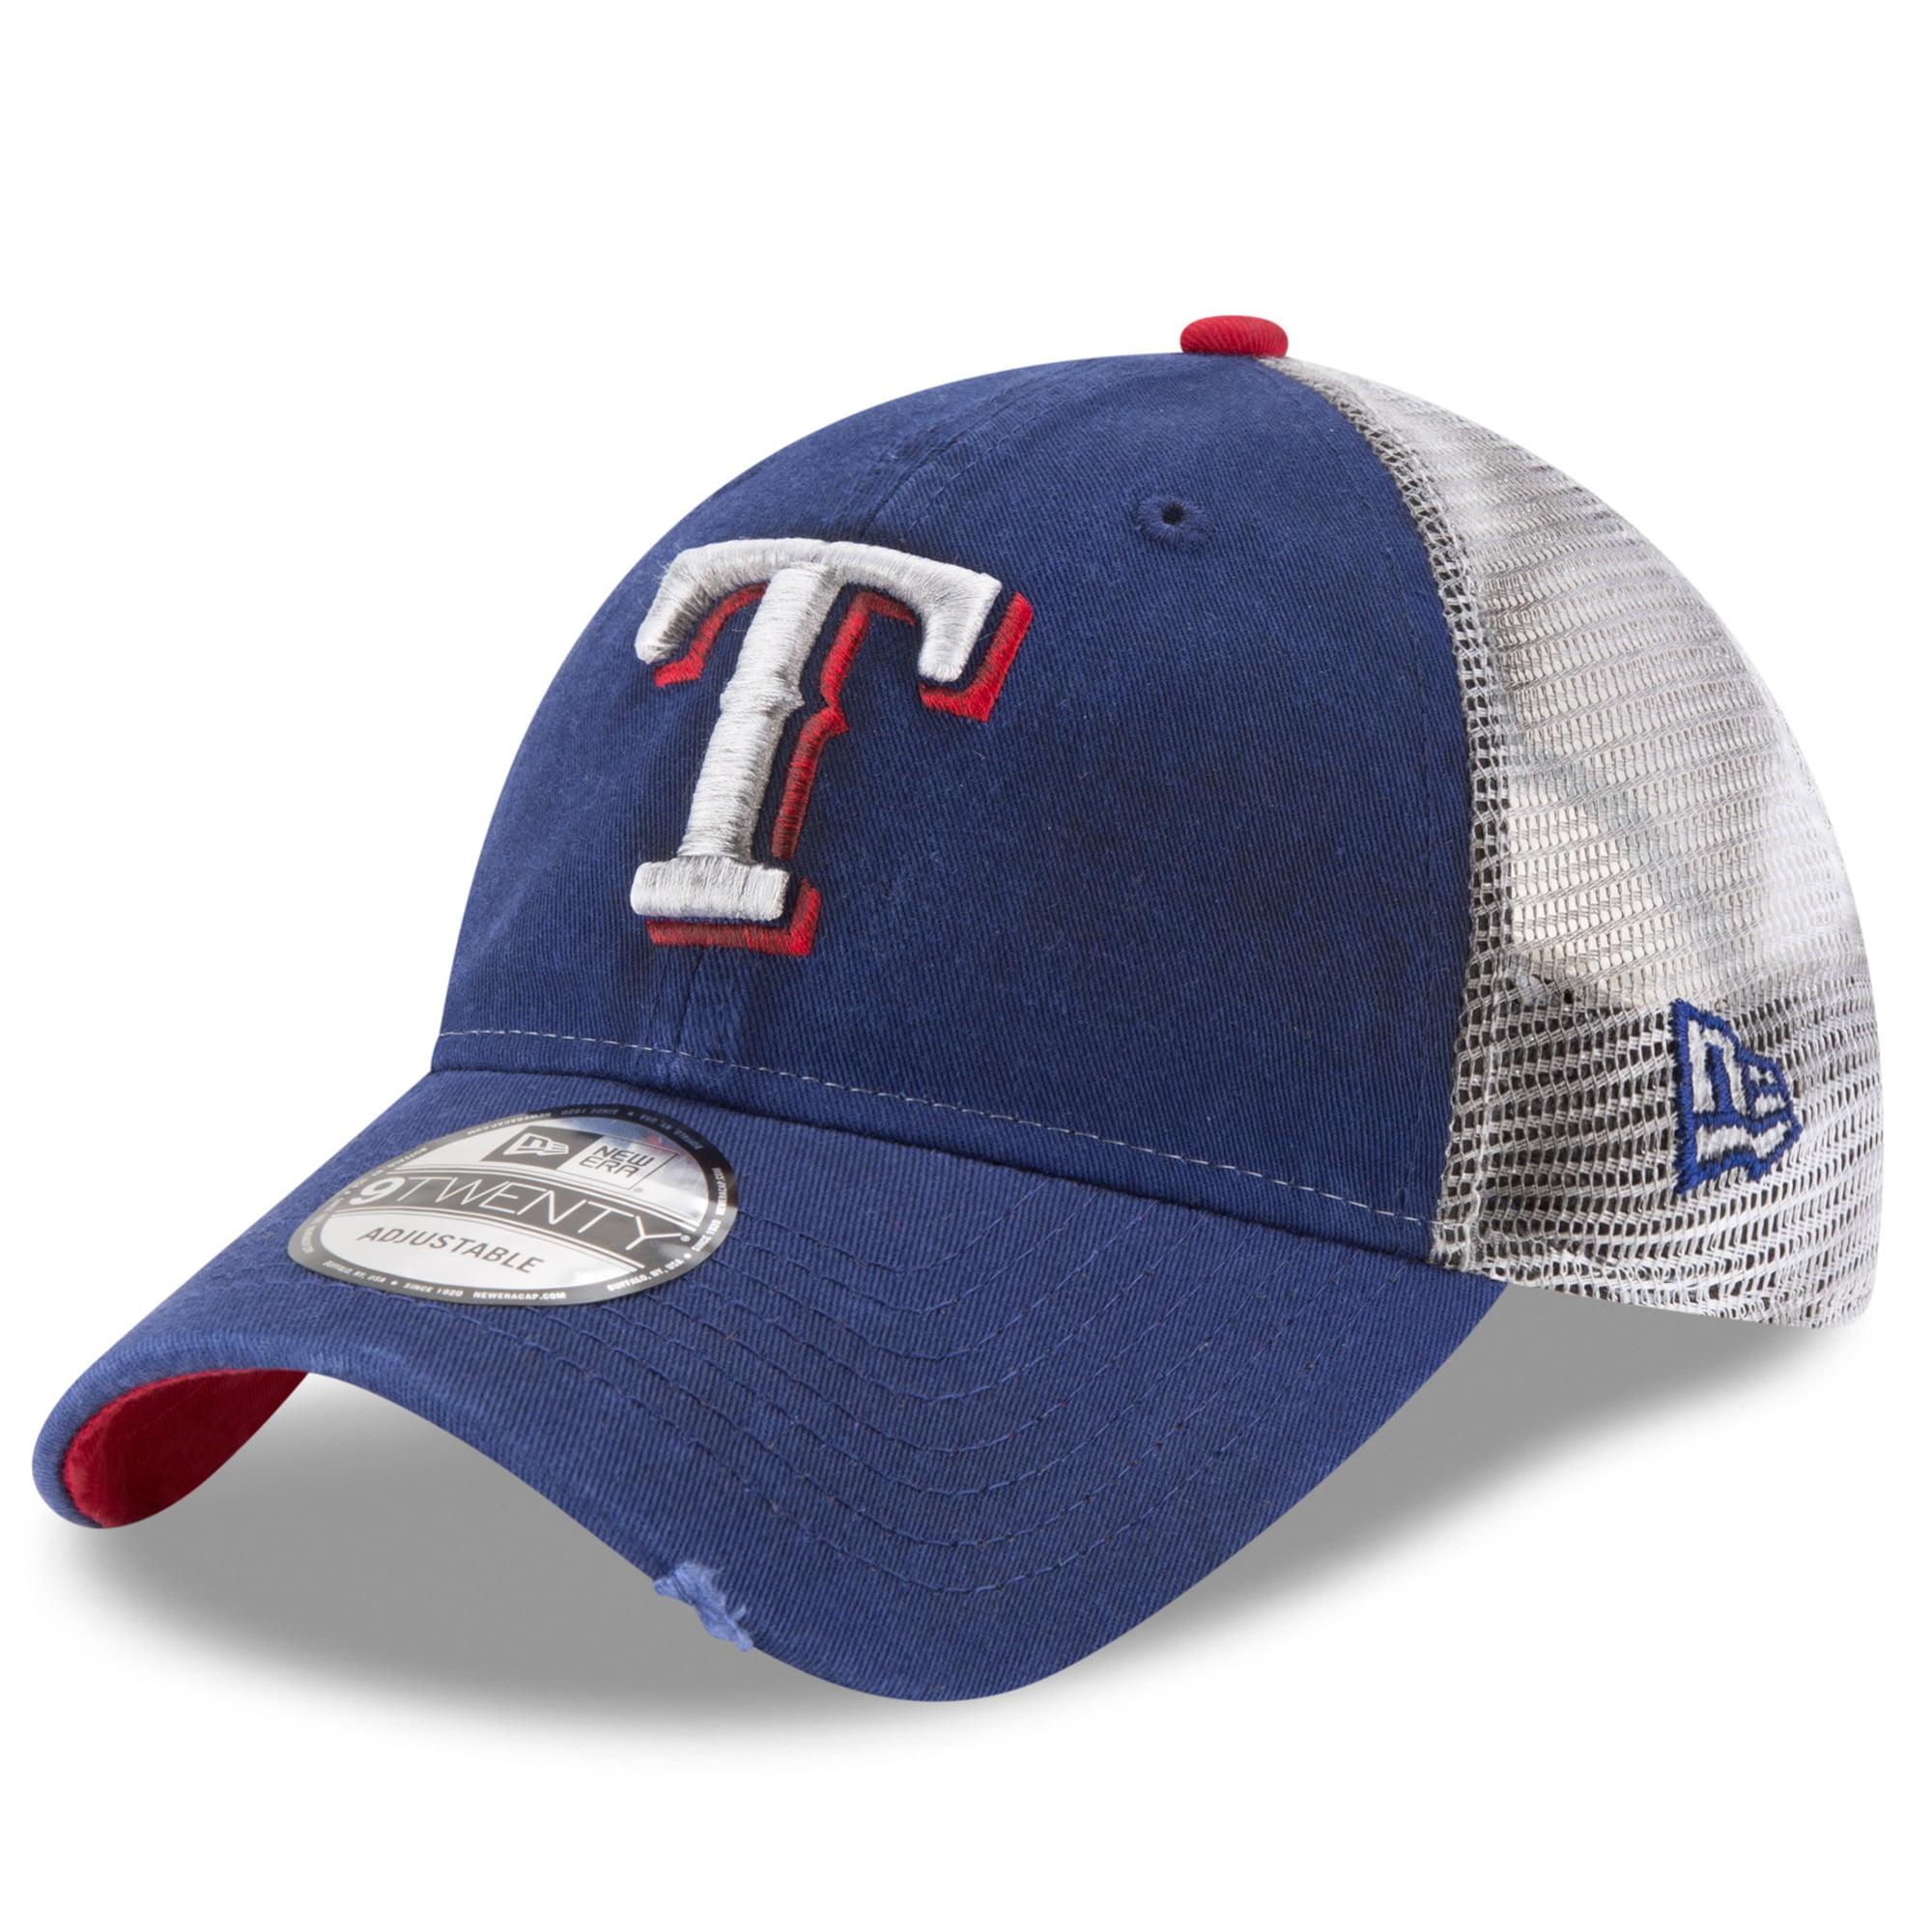 Texas Rangers New Era Team Rustic 9TWENTY Adjustable Hat - Royal - OSFA